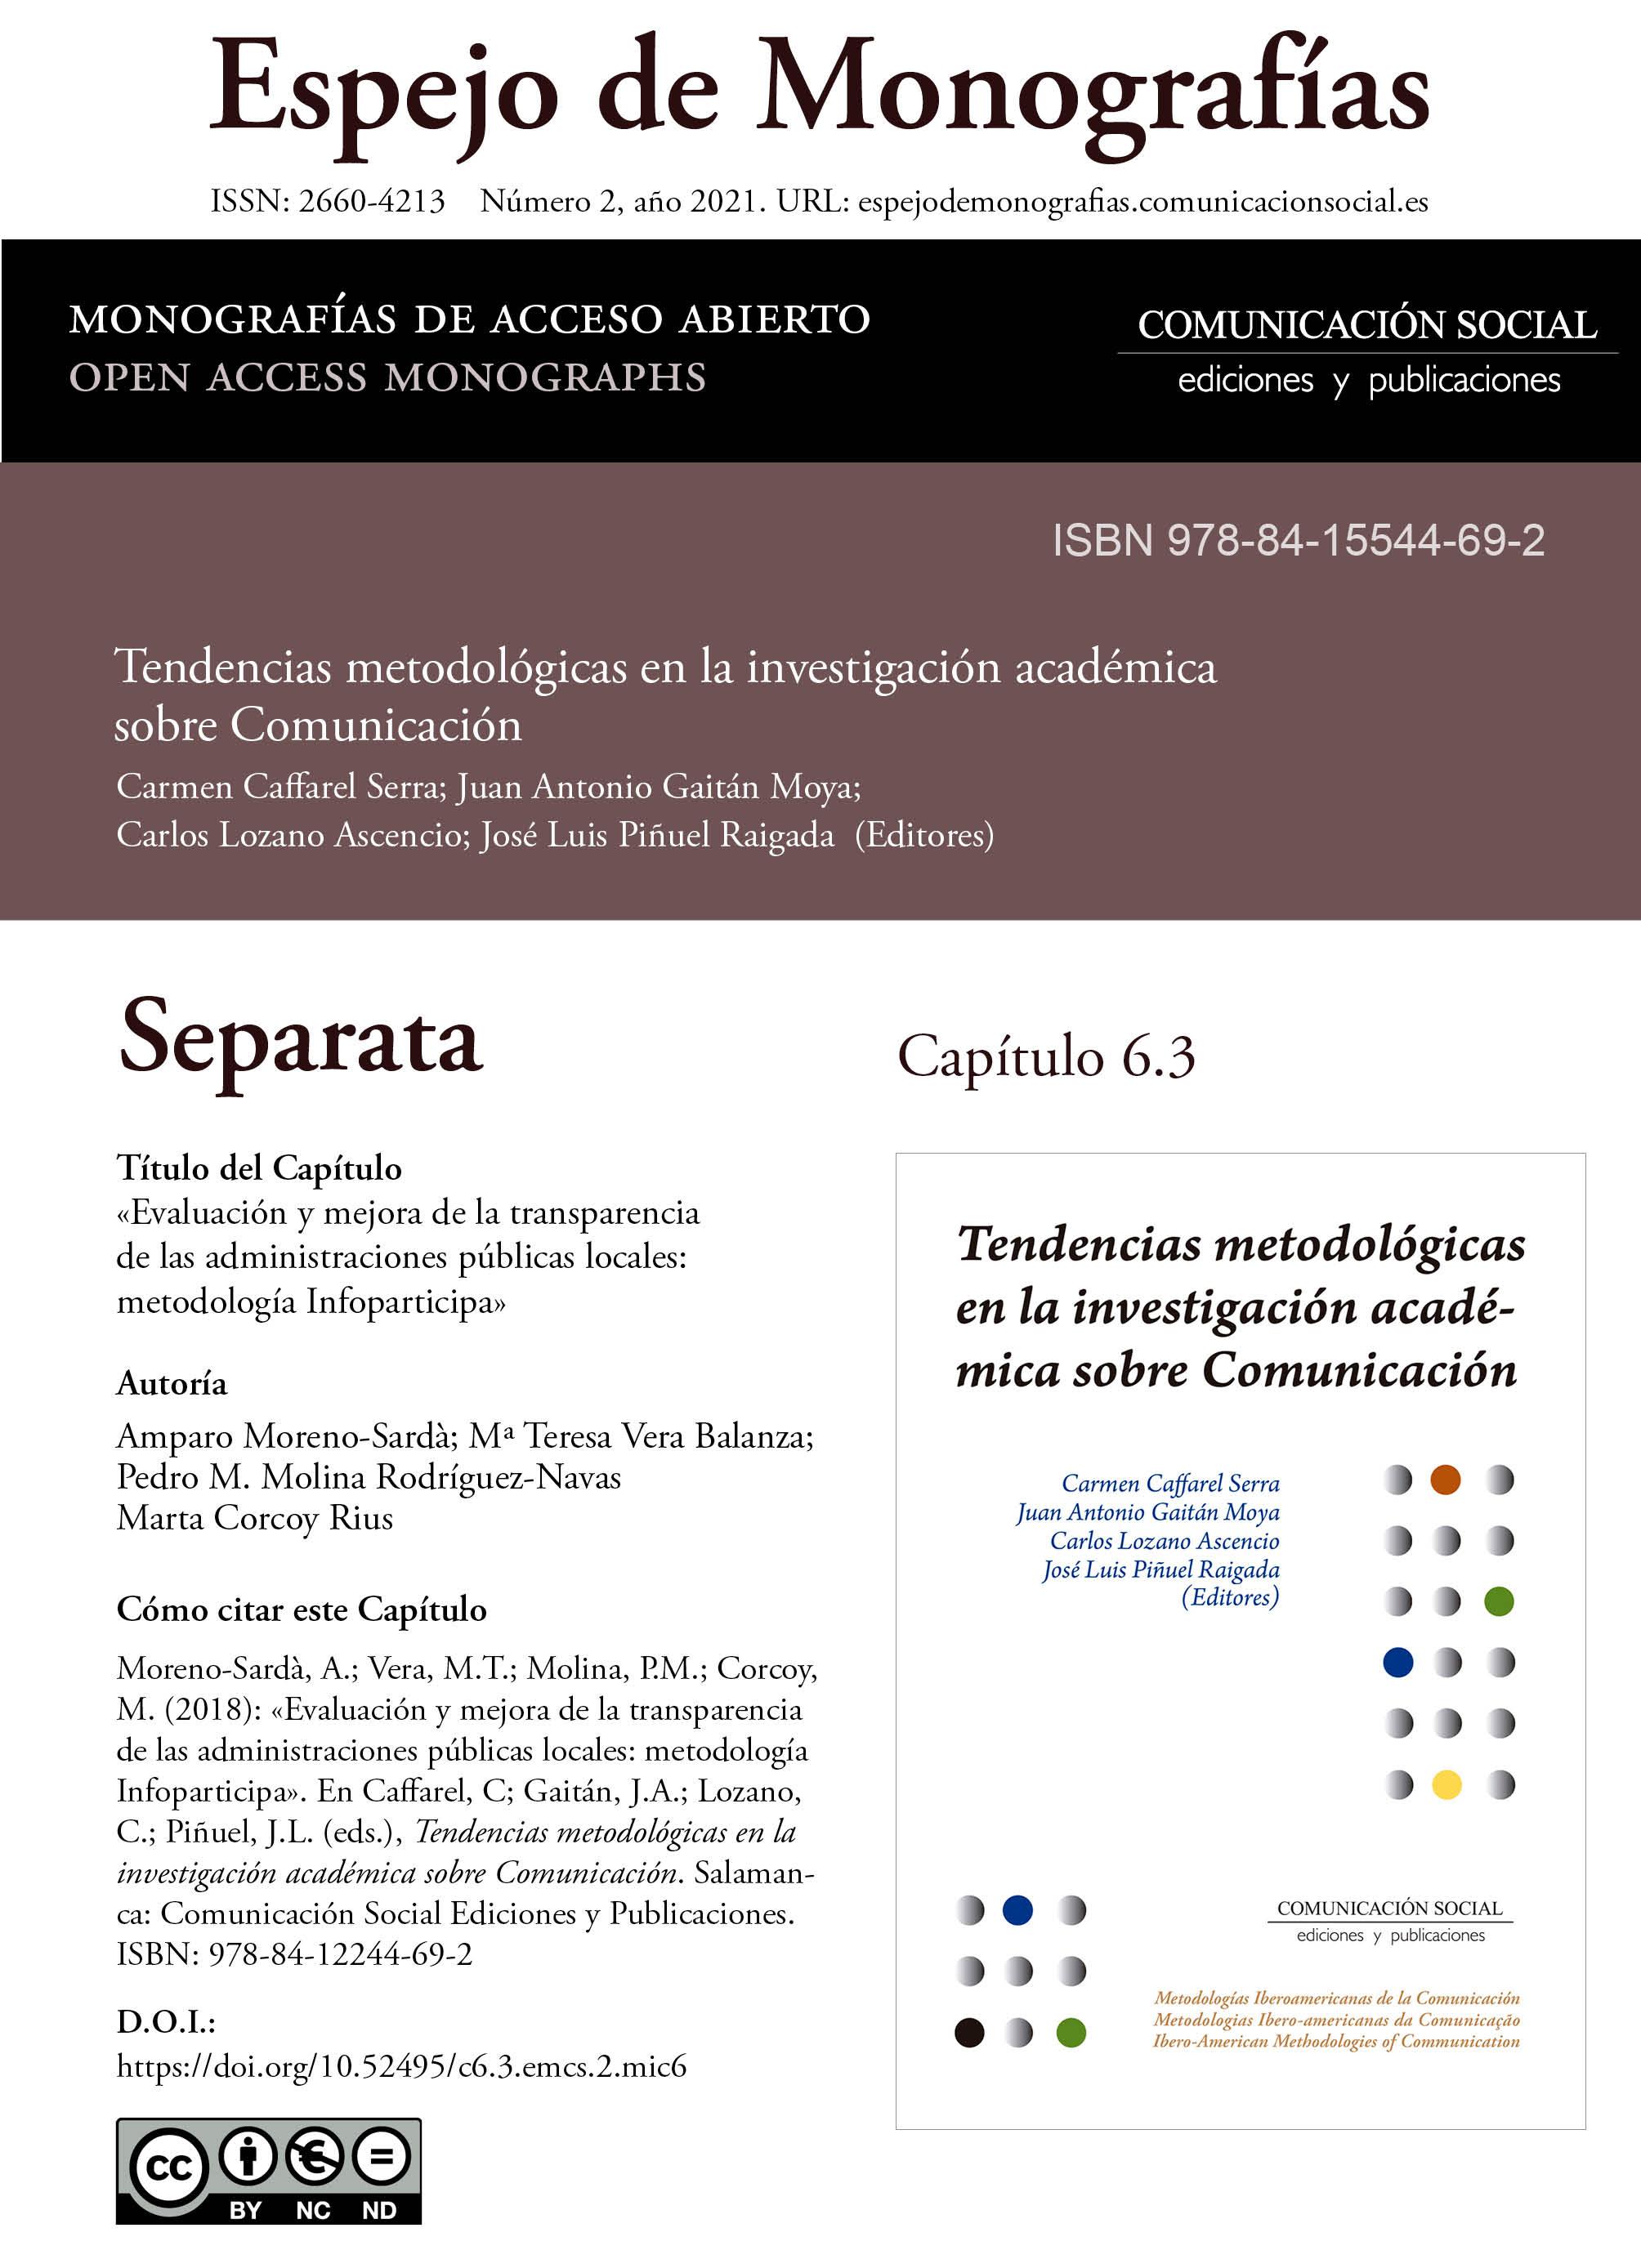 Separata del Capítulo 6.3 correspondiente a la monografía Tendencias metodológicas en la investigación académica en Comunicación